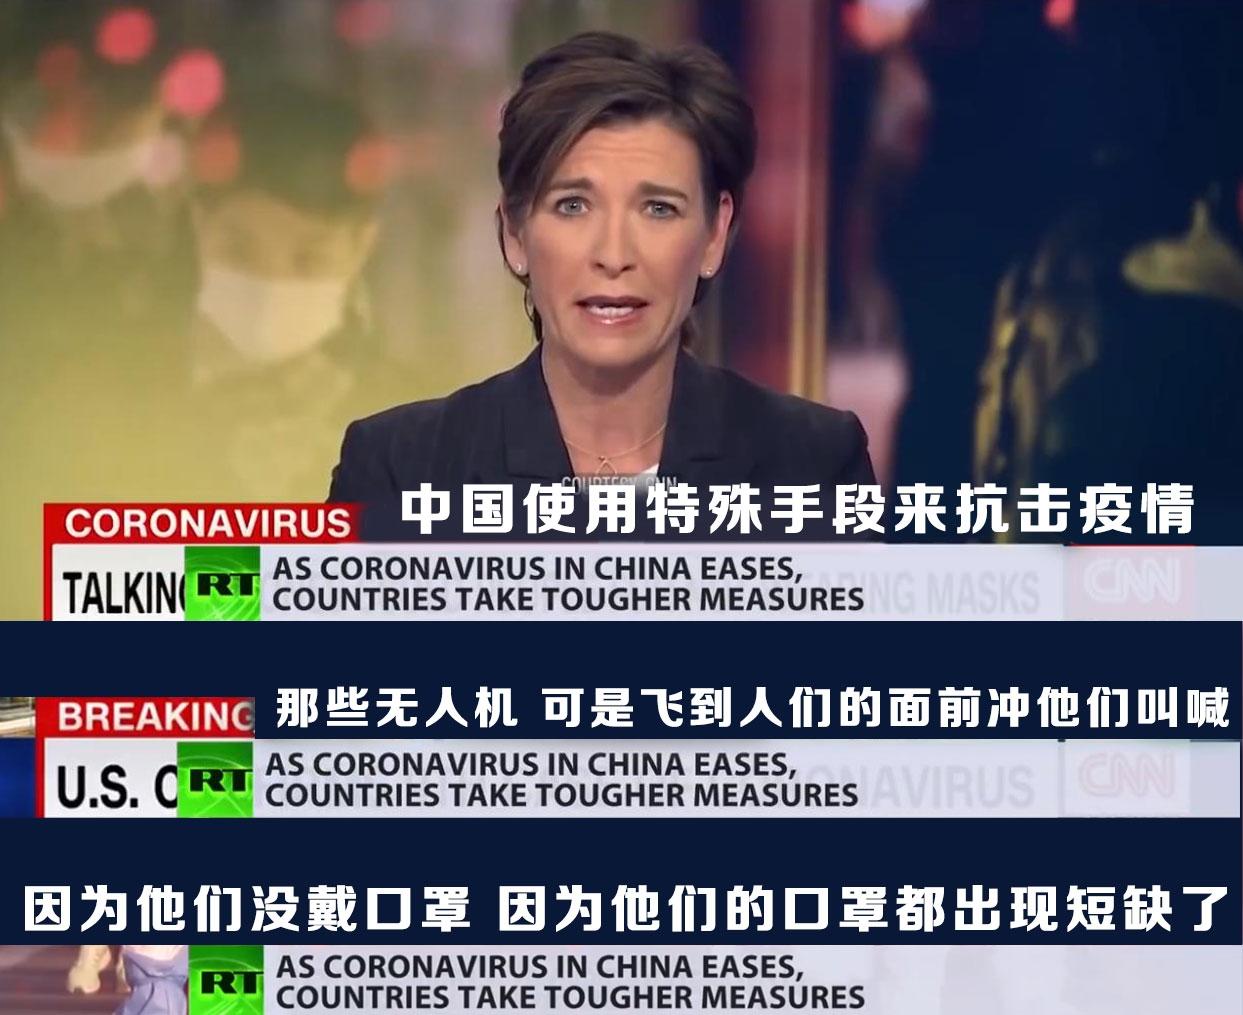 RT说了大实话 当初批评中国的防疫措施西方都用上了